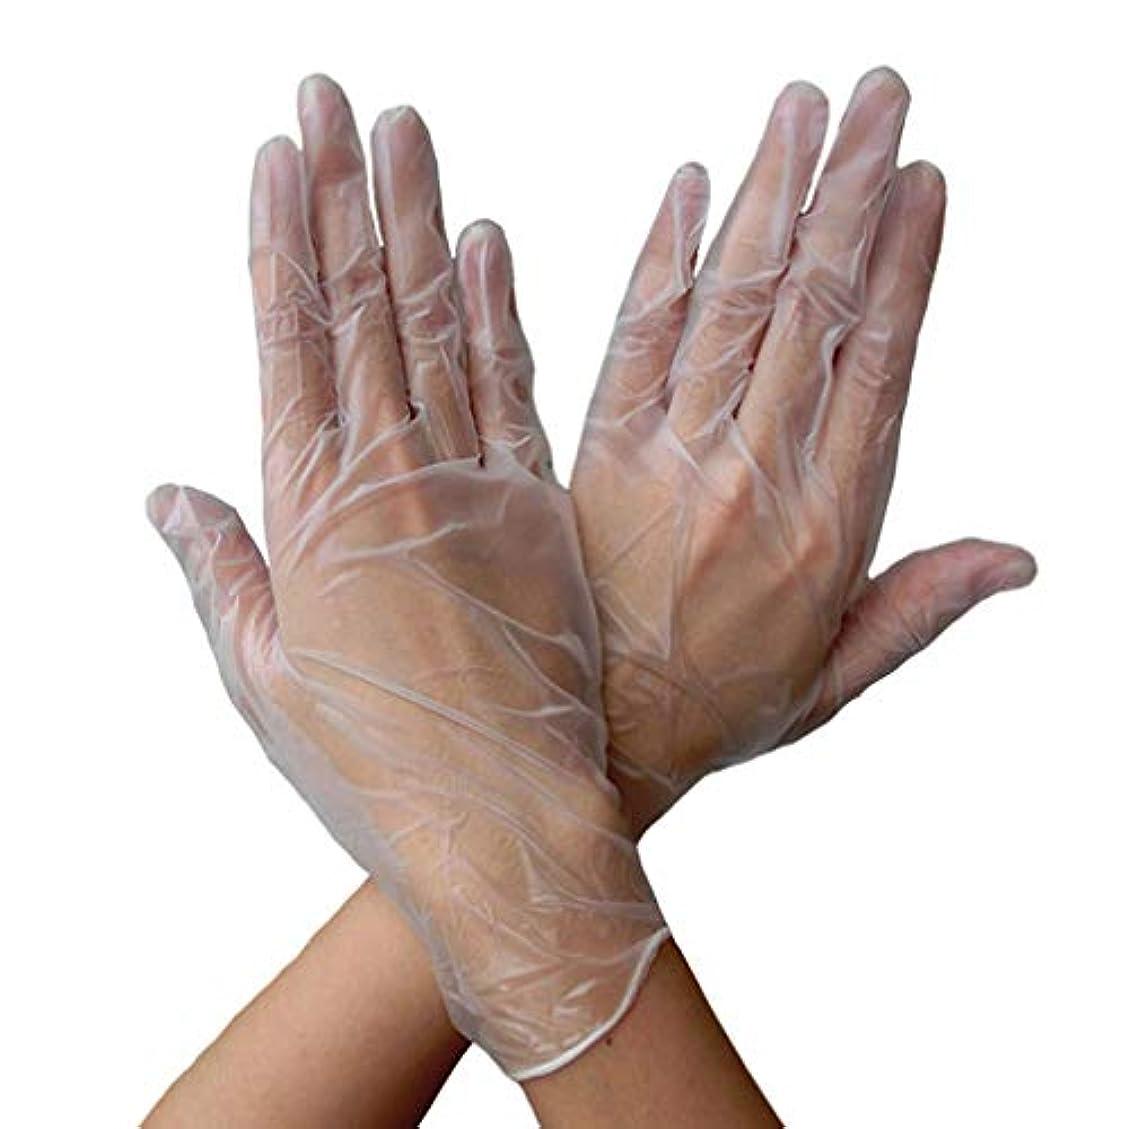 さらに鷲幻想Honel 使い捨て手袋 タトゥー/歯科/病院/研究室に適応 薄い PVC 手袋 高耐久 ホワイト 両手用 使い捨て手袋 50枚 ホワイト L